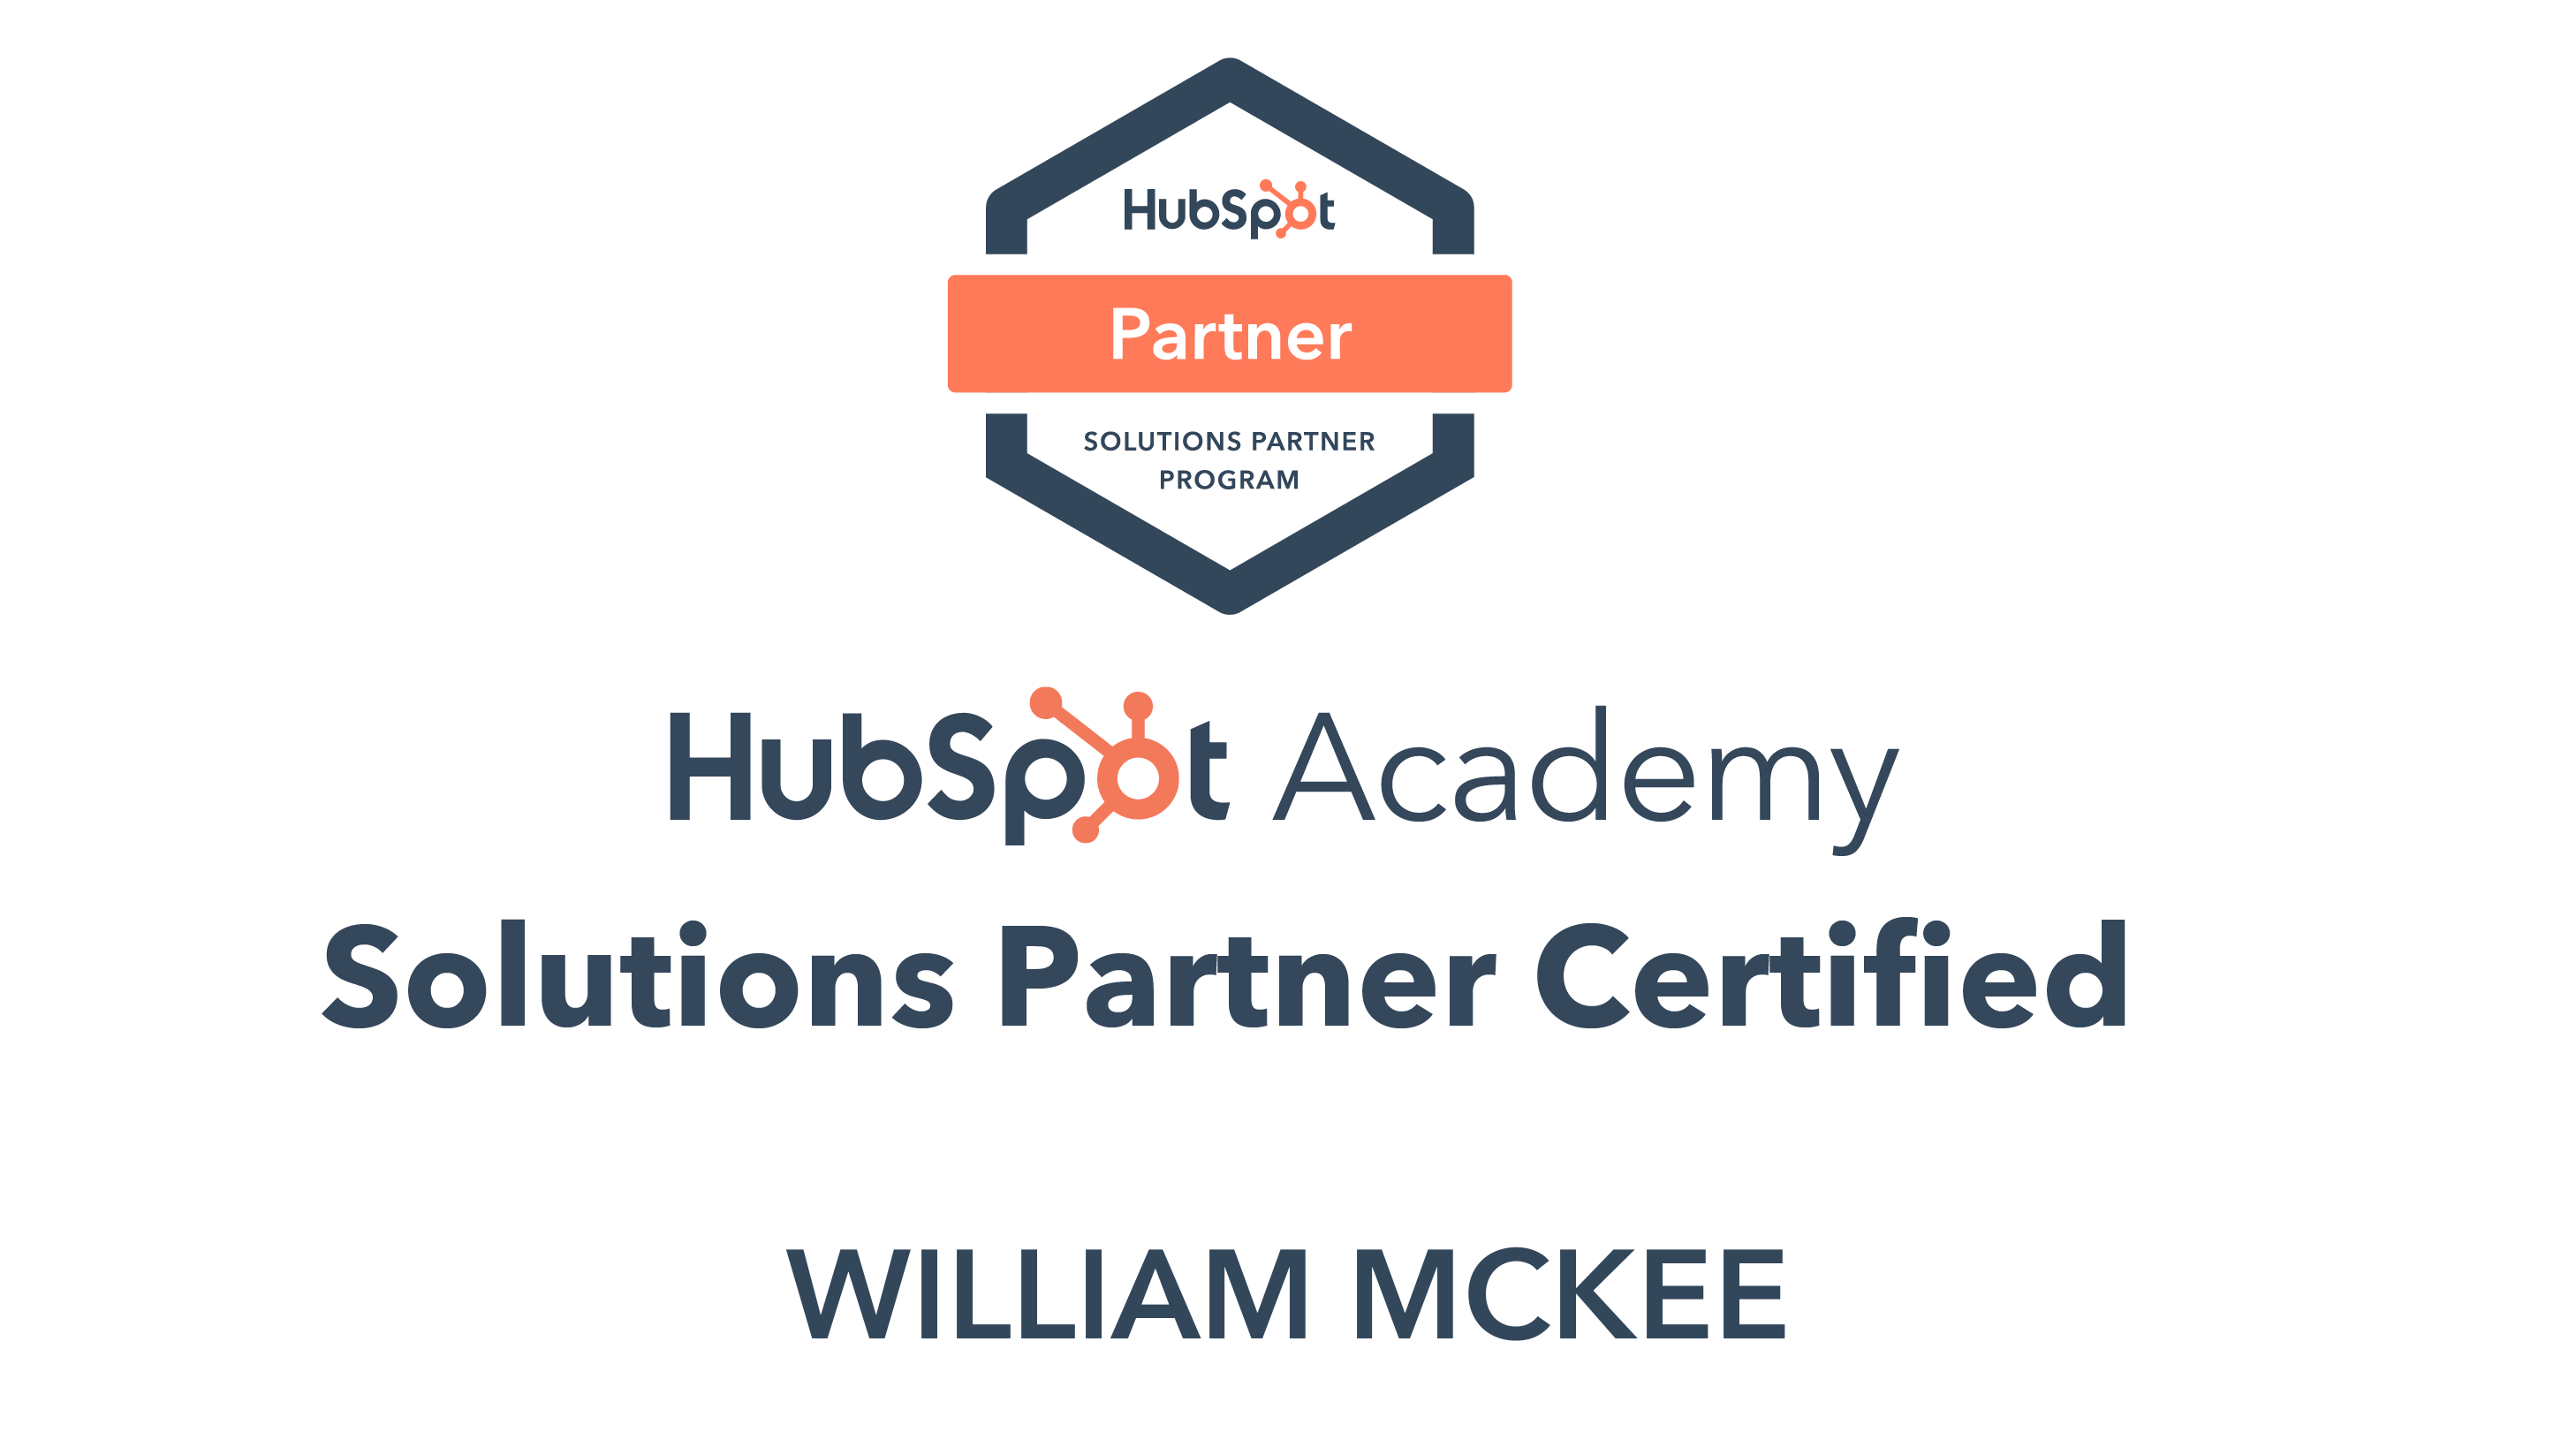 William McKee HubSpot Solutions Partner Certificate